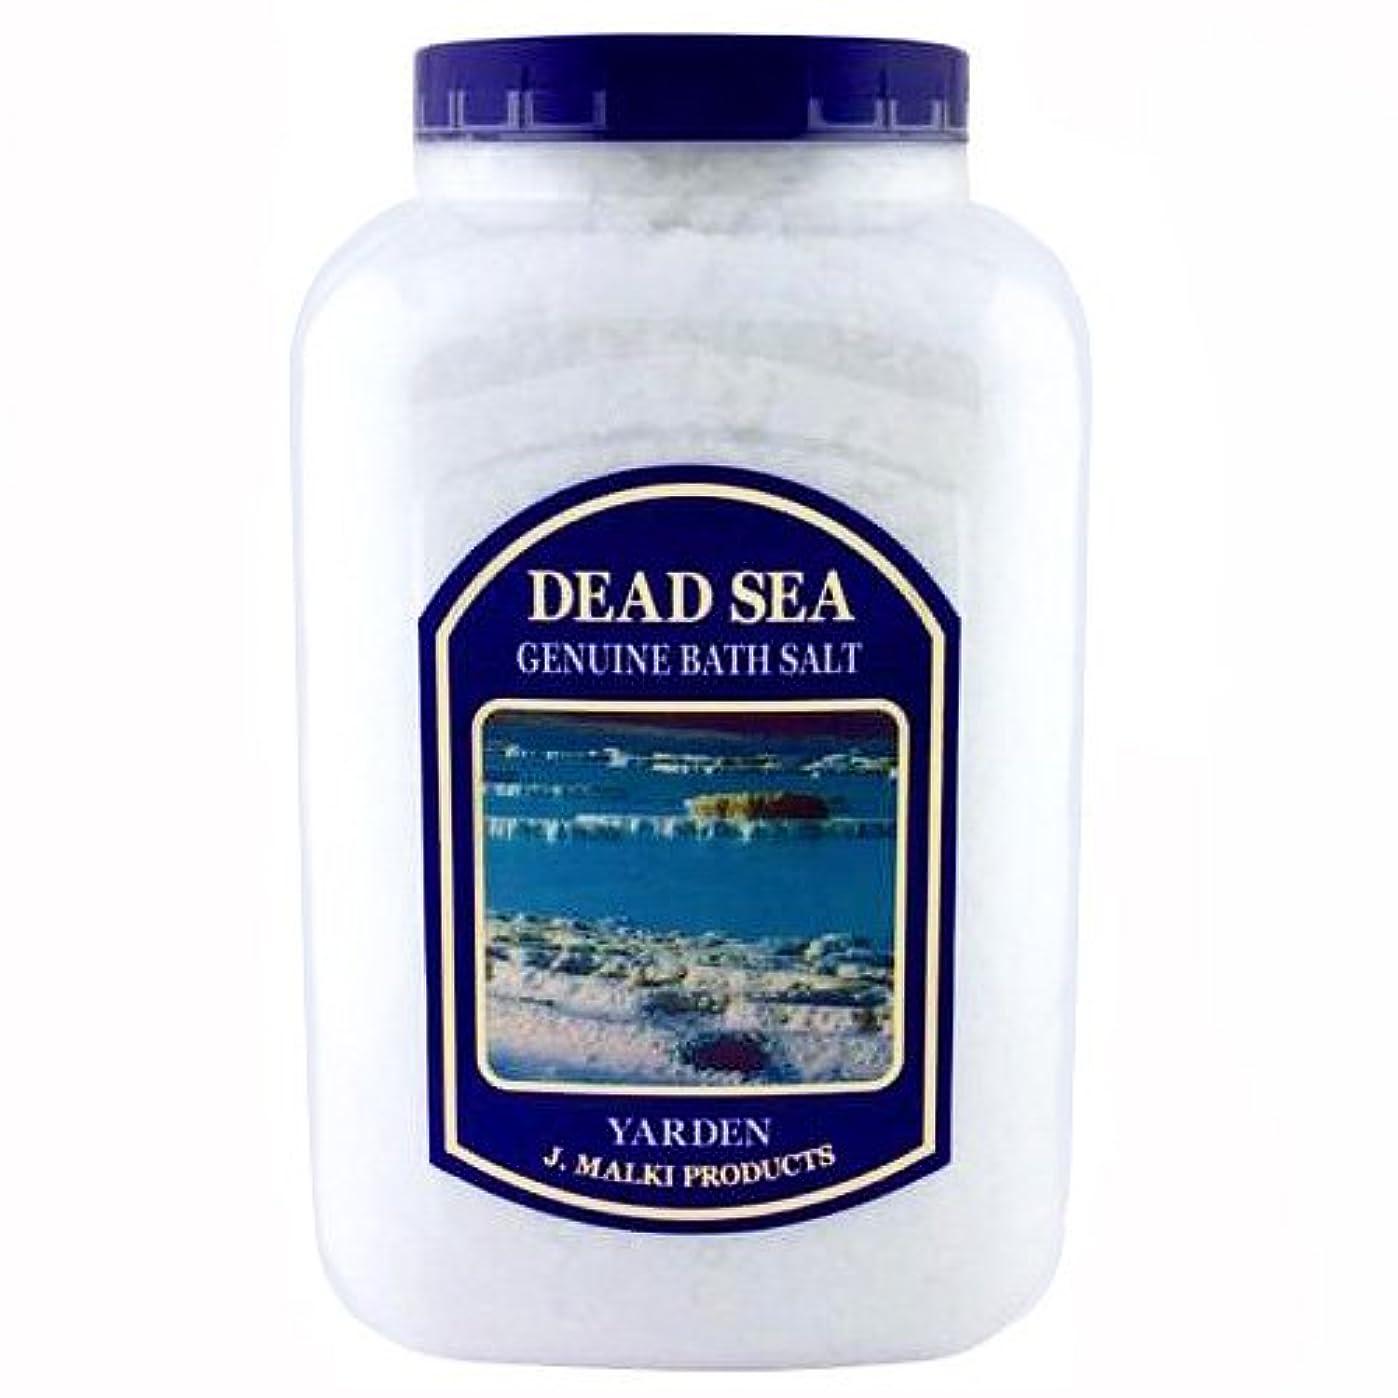 軸ドナー不機嫌デッドシー?バスソルト 4.5kg(約45回分)【DEAD SEA BATH SALT】死海の塩/入浴剤(入浴用化粧品)【正規販売店】